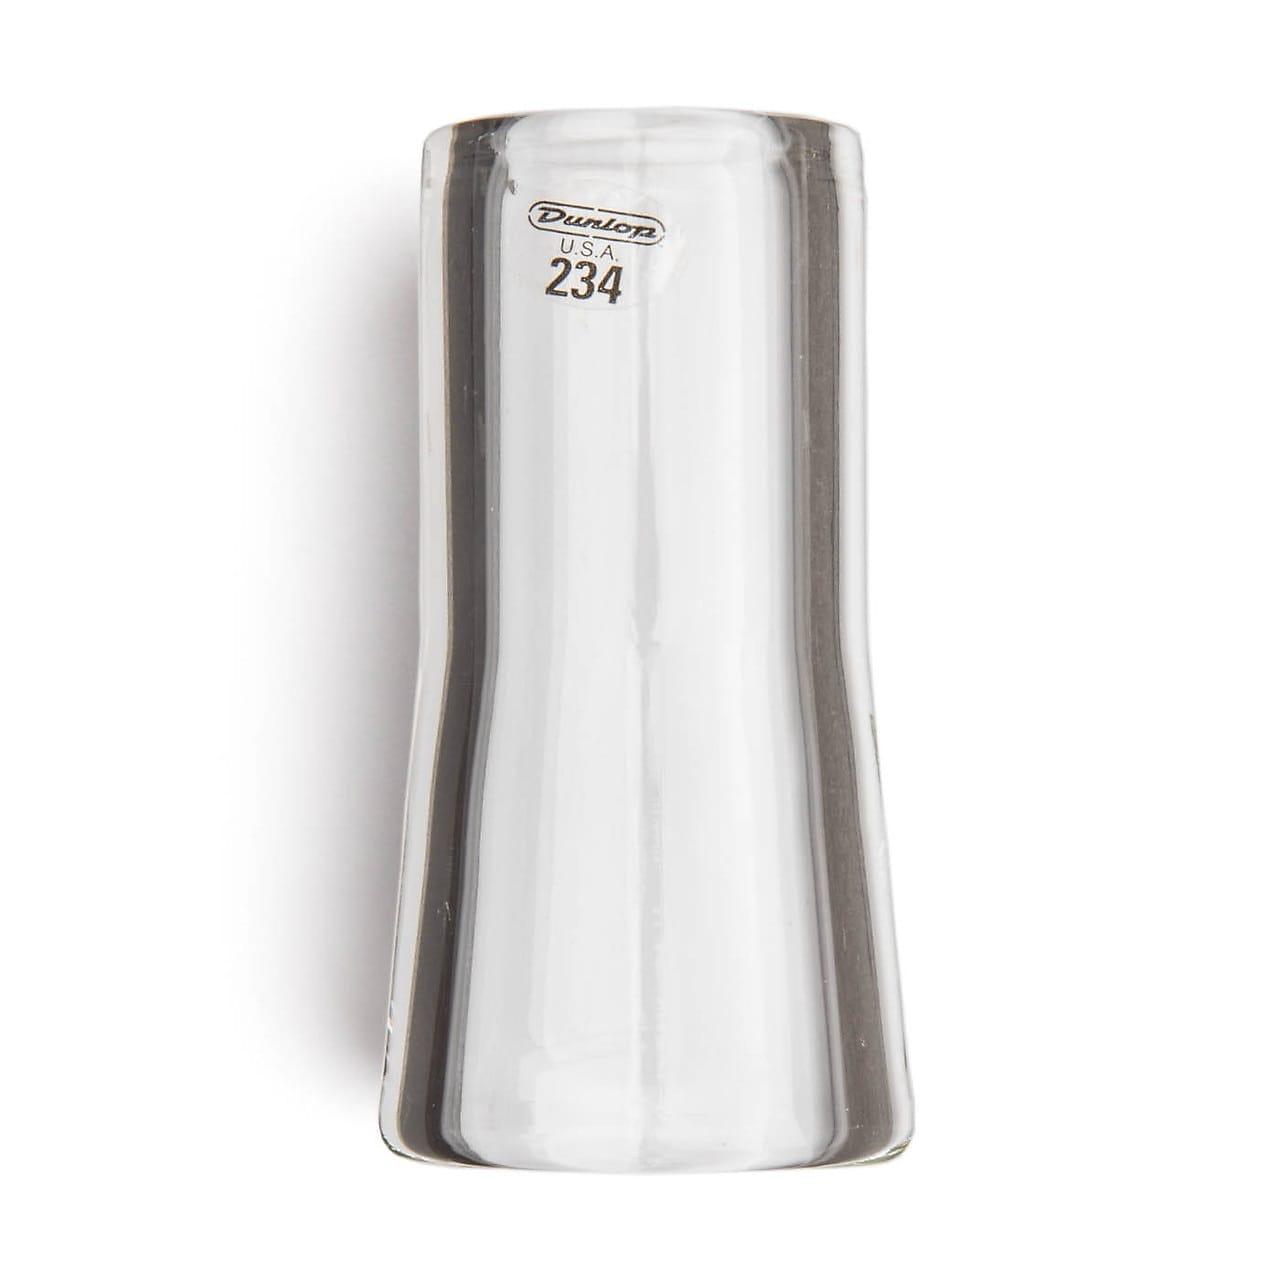 Dunlop 234 Medium Pyrex Glass Flare Slide